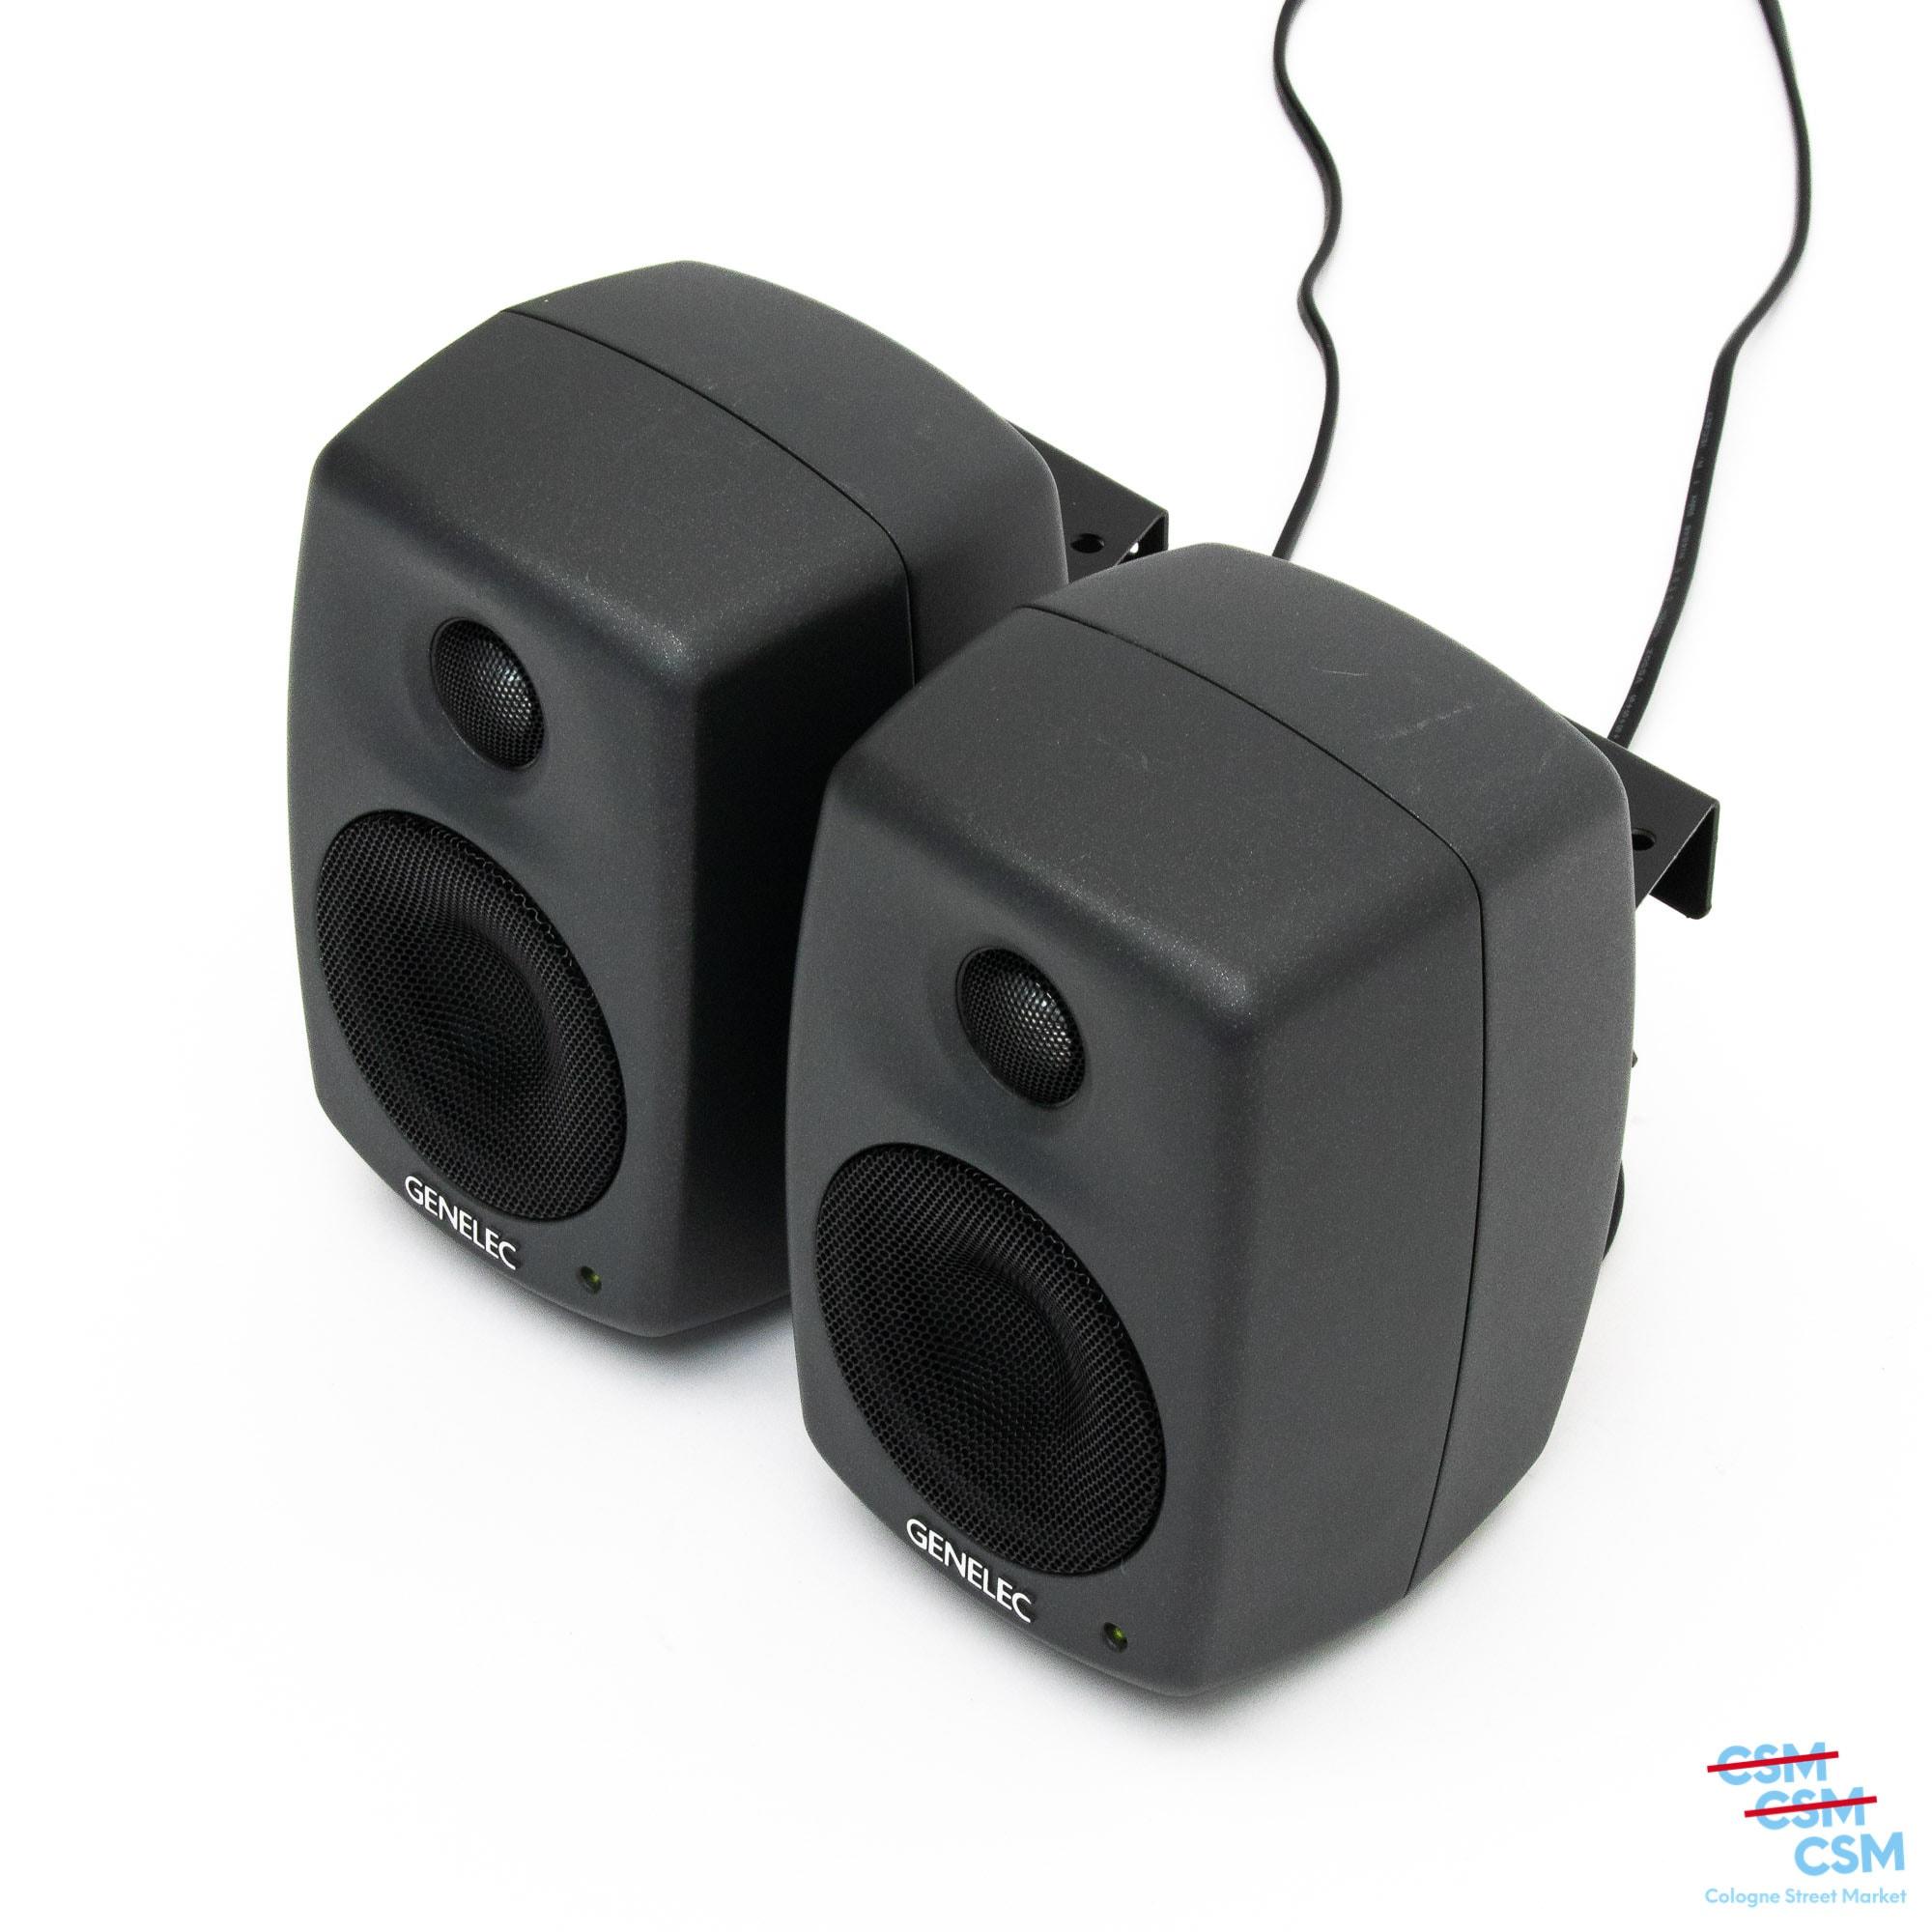 2er-Paket-Genelec-6010A-Grau-ohne-Füße-gebraucht-kaufen2er-Paket-Genelec-6010A-Grau-ohne-Füße-gebraucht-kaufen